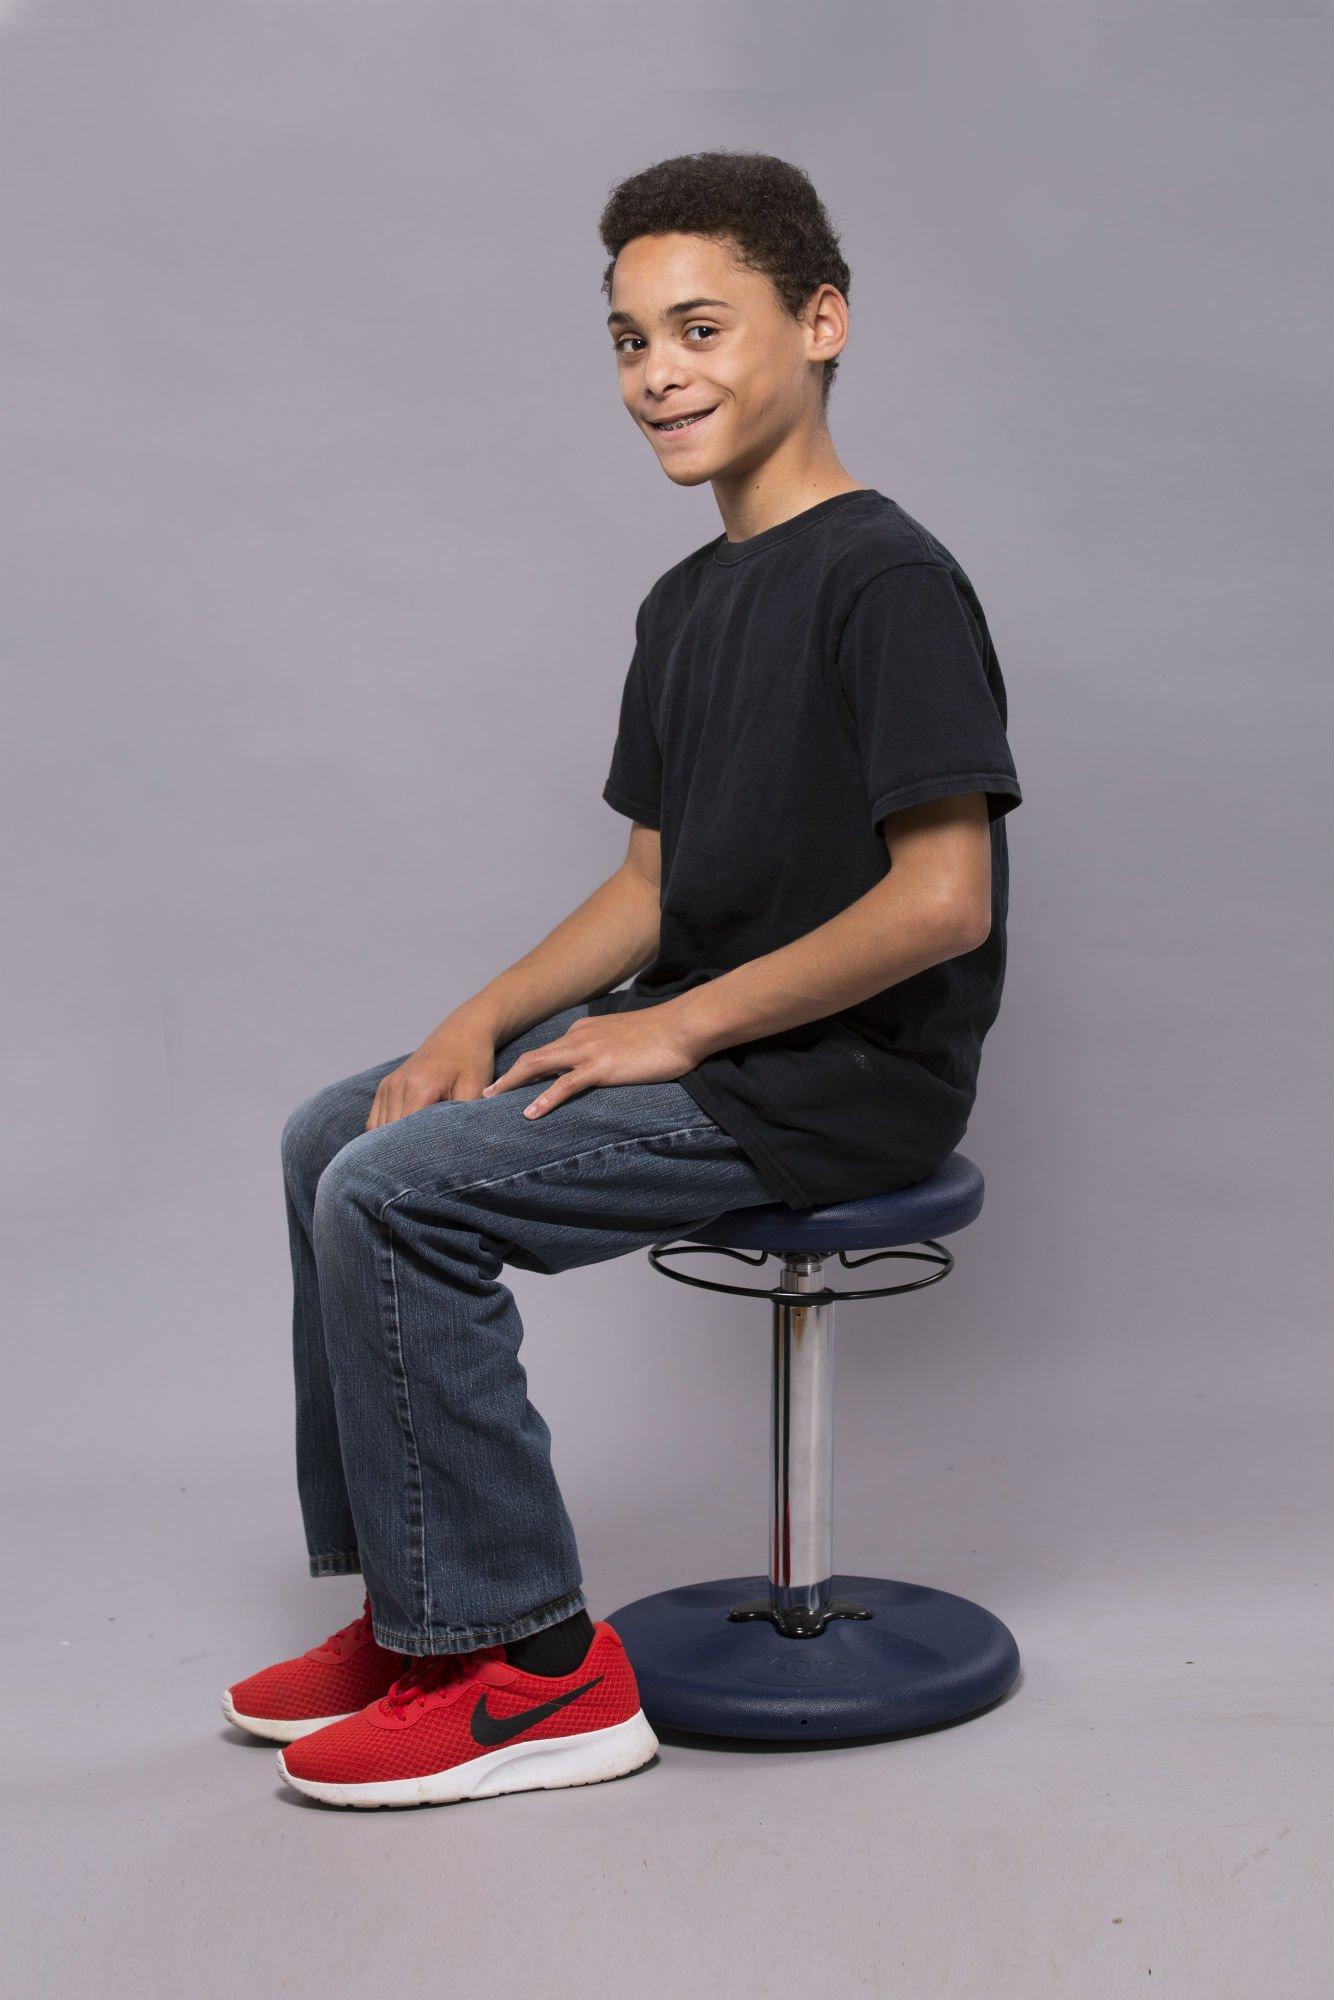 Stupendous Details About Kore Patented Adjustable Height Active Sitting For Children Kids Teens Inzonedesignstudio Interior Chair Design Inzonedesignstudiocom